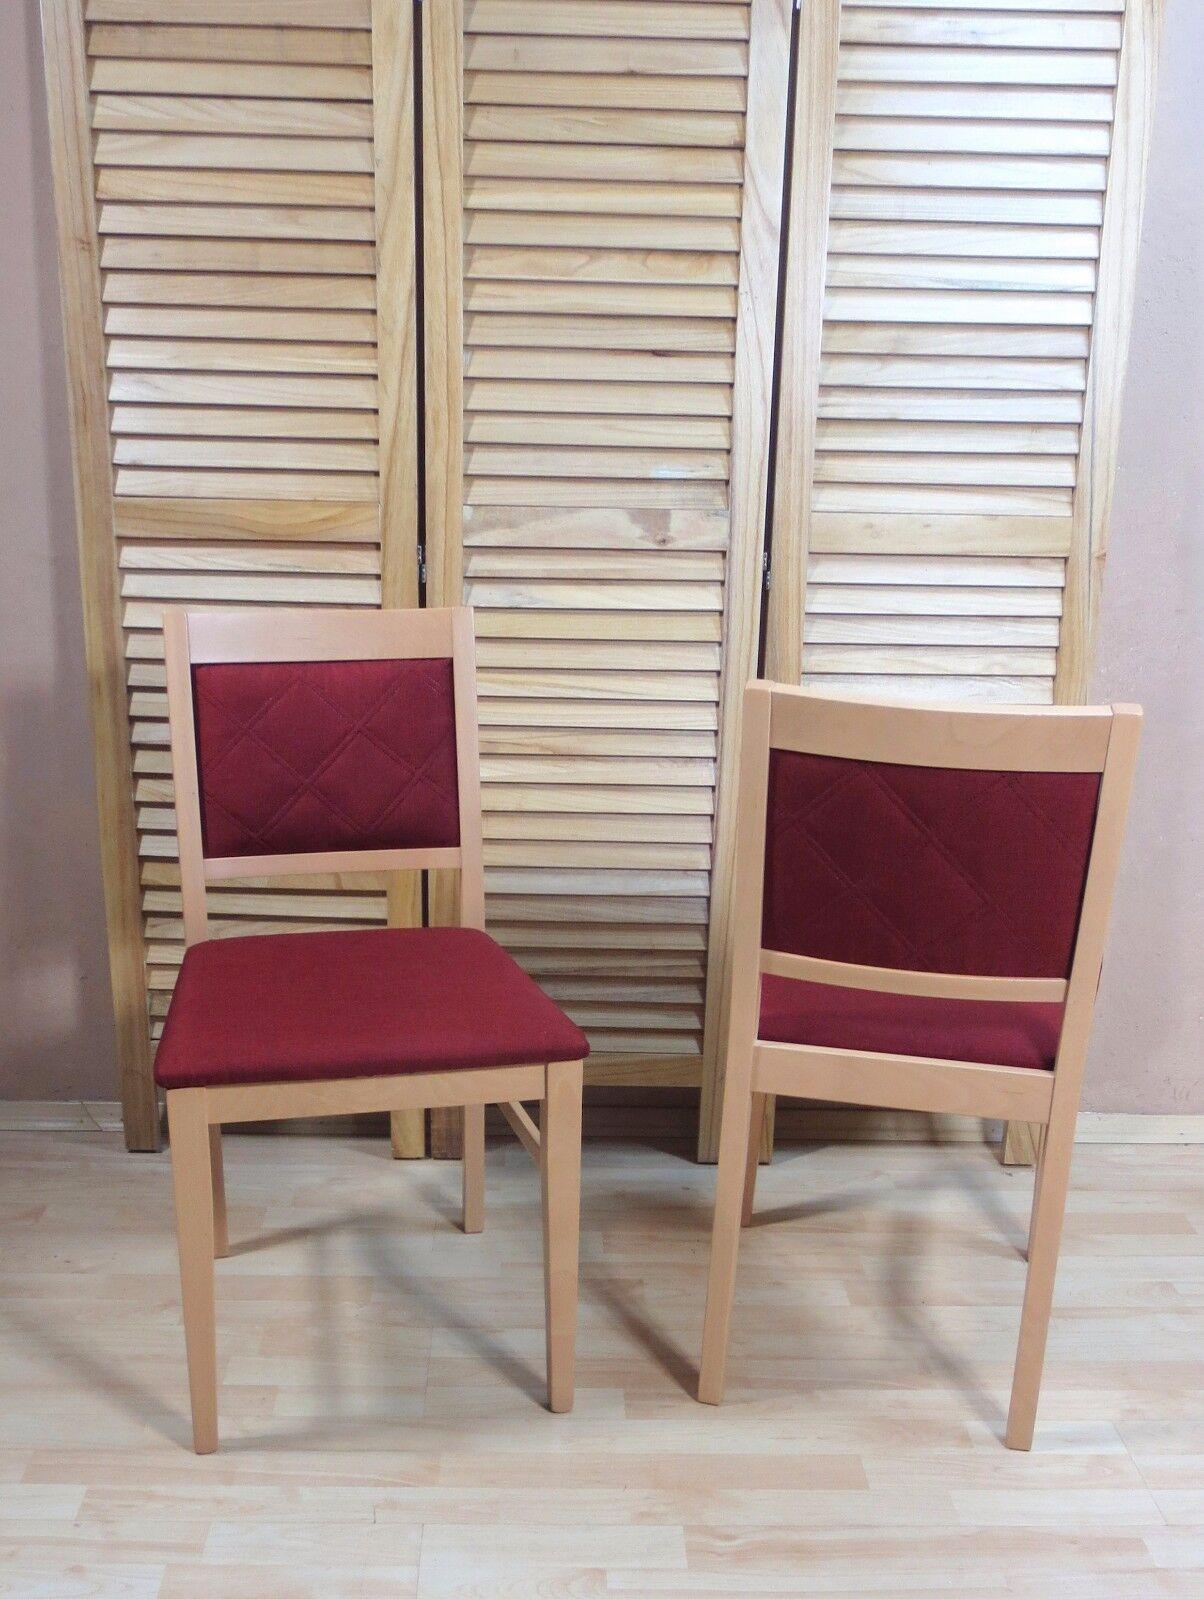 2 X Stuhle Massiv Buche Schoko Esszimmerstuhle Kuche Modern Design